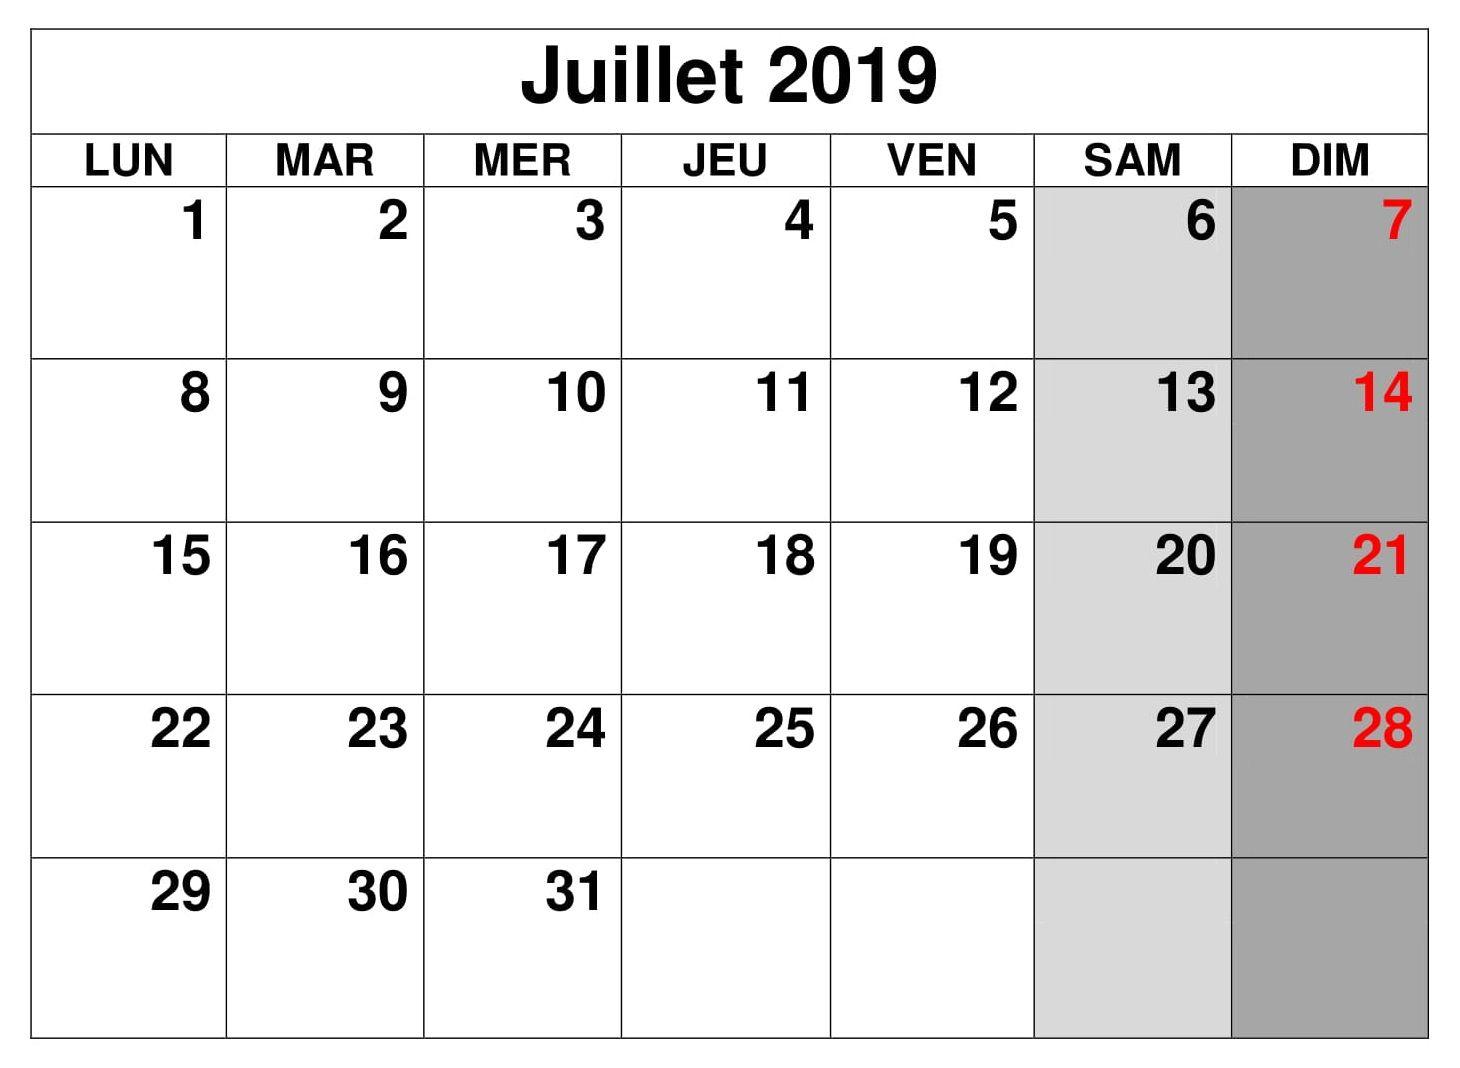 Calendrier A Imprimer Juillet 2019.Juillet Calendrier 2019 A Imprimer Word In 2019 Computer